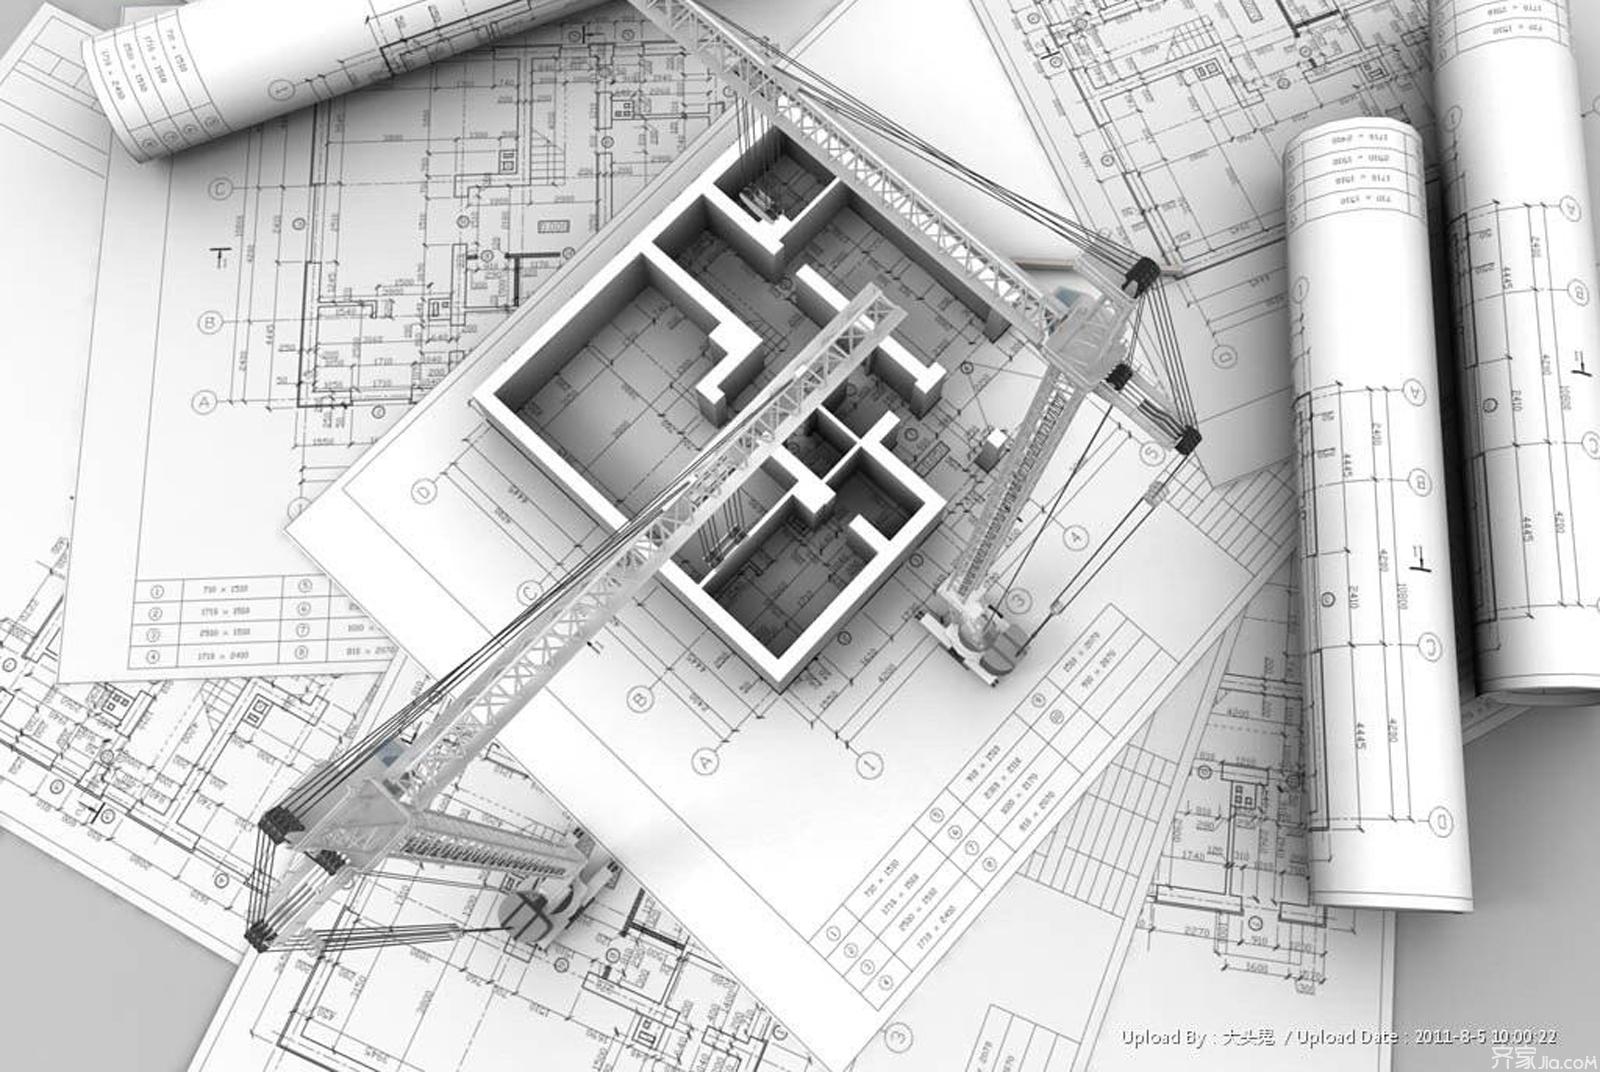 建筑蓝图 - 建筑施工图、住宅建筑设计蓝图,住宅建筑3d蓝图,建筑图纸、模型设计,建筑施工图,住宅楼平立剖面图,   建筑施工图